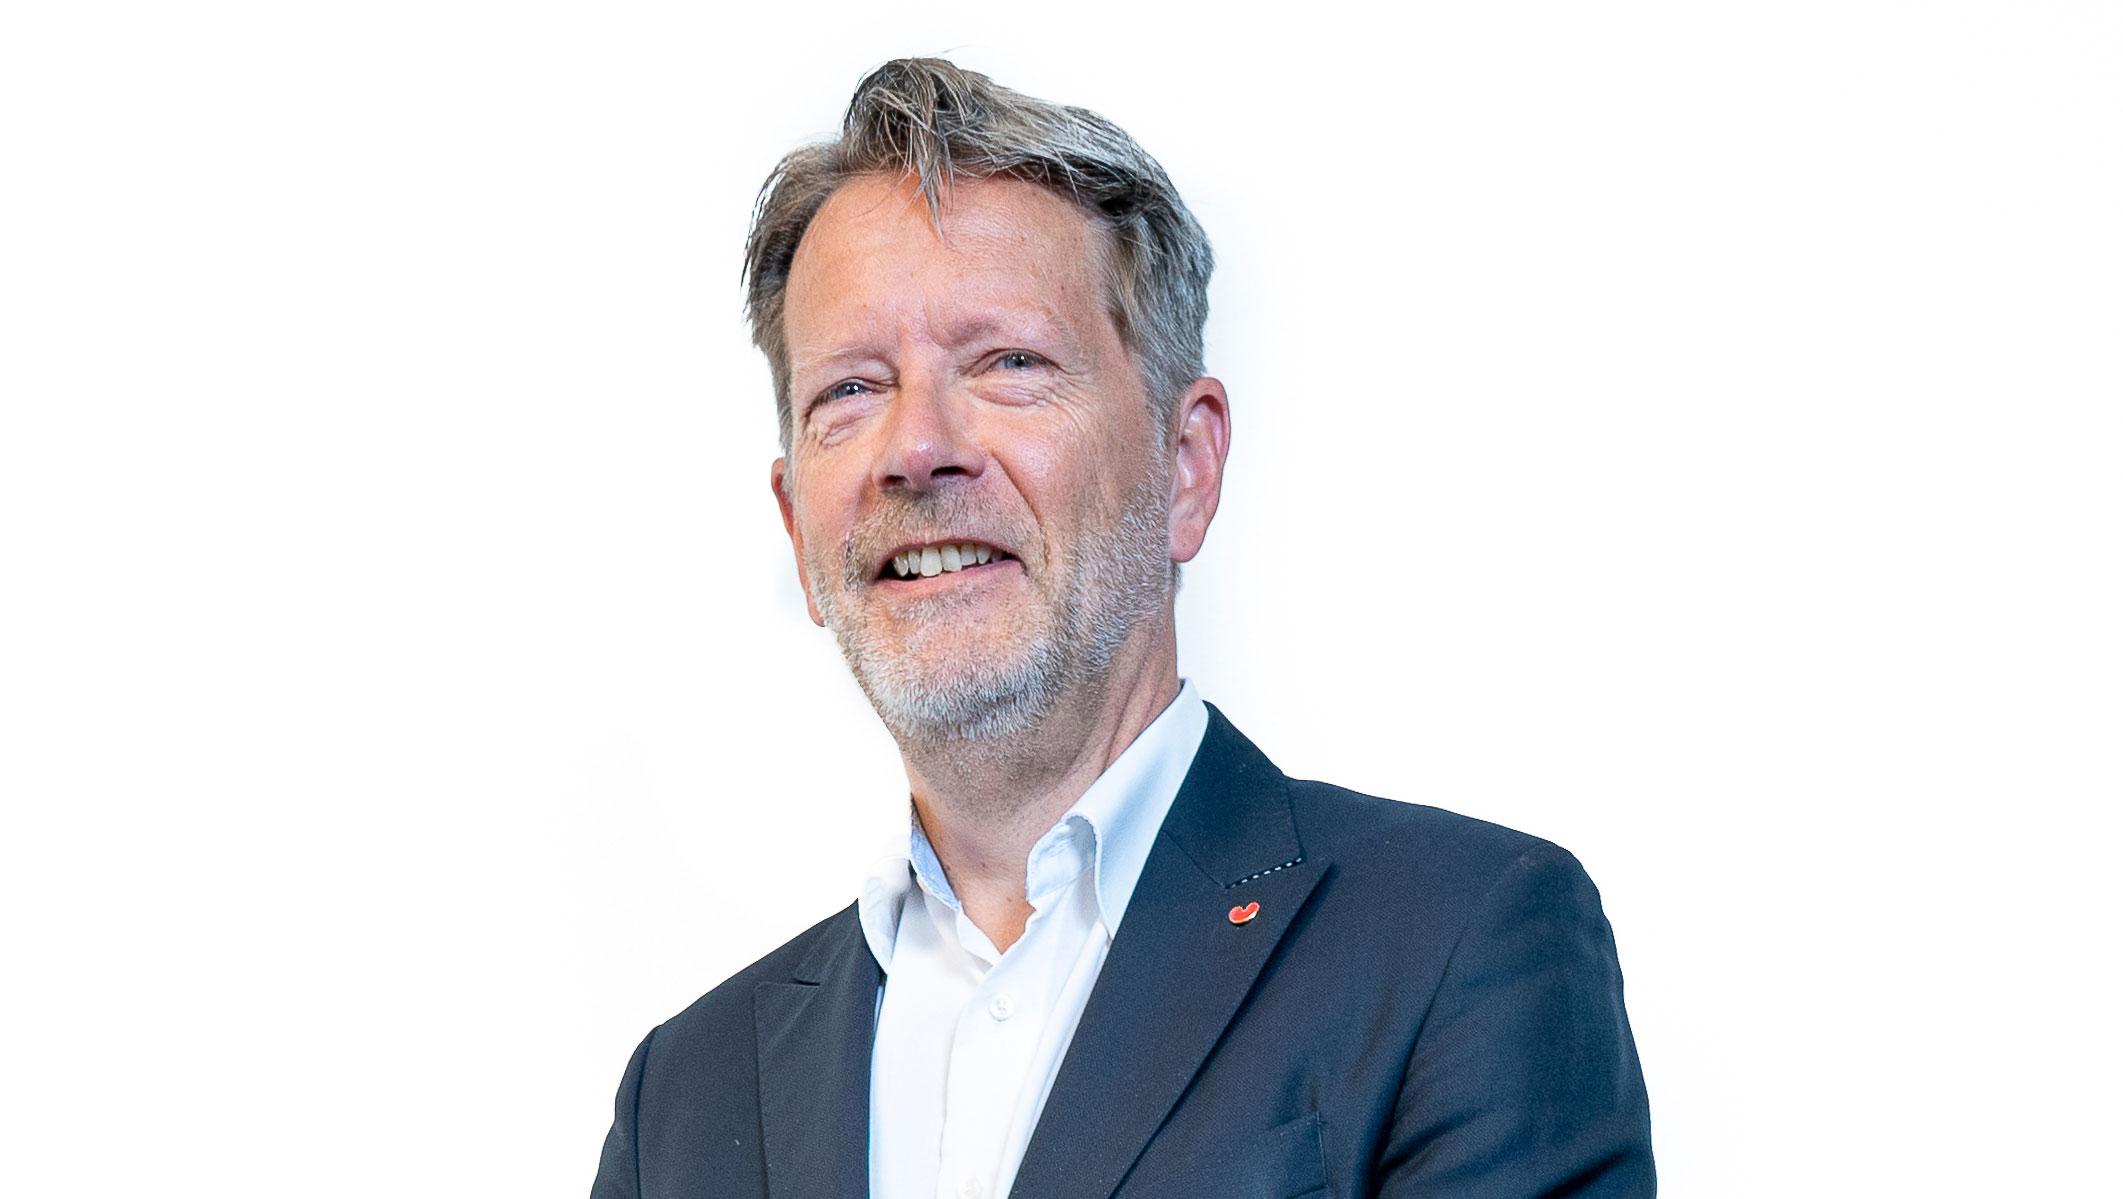 Peter Meijlis